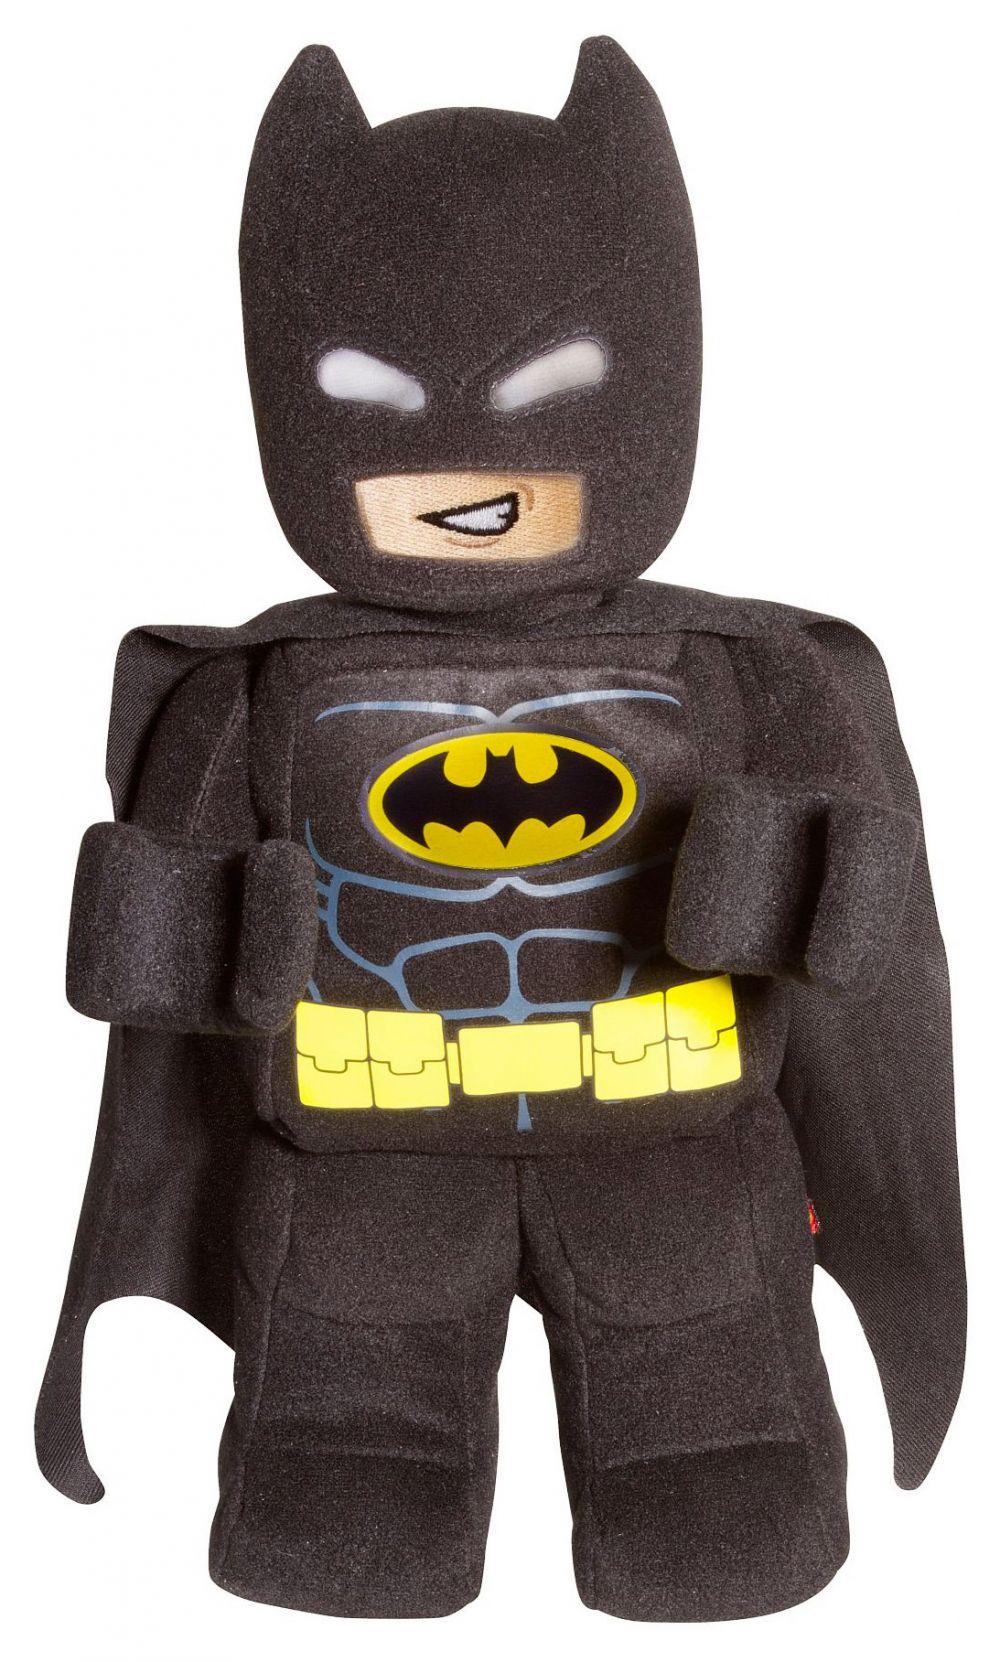 Lego objets divers 853652 pas cher peluche batman lego for Videos de lego batman